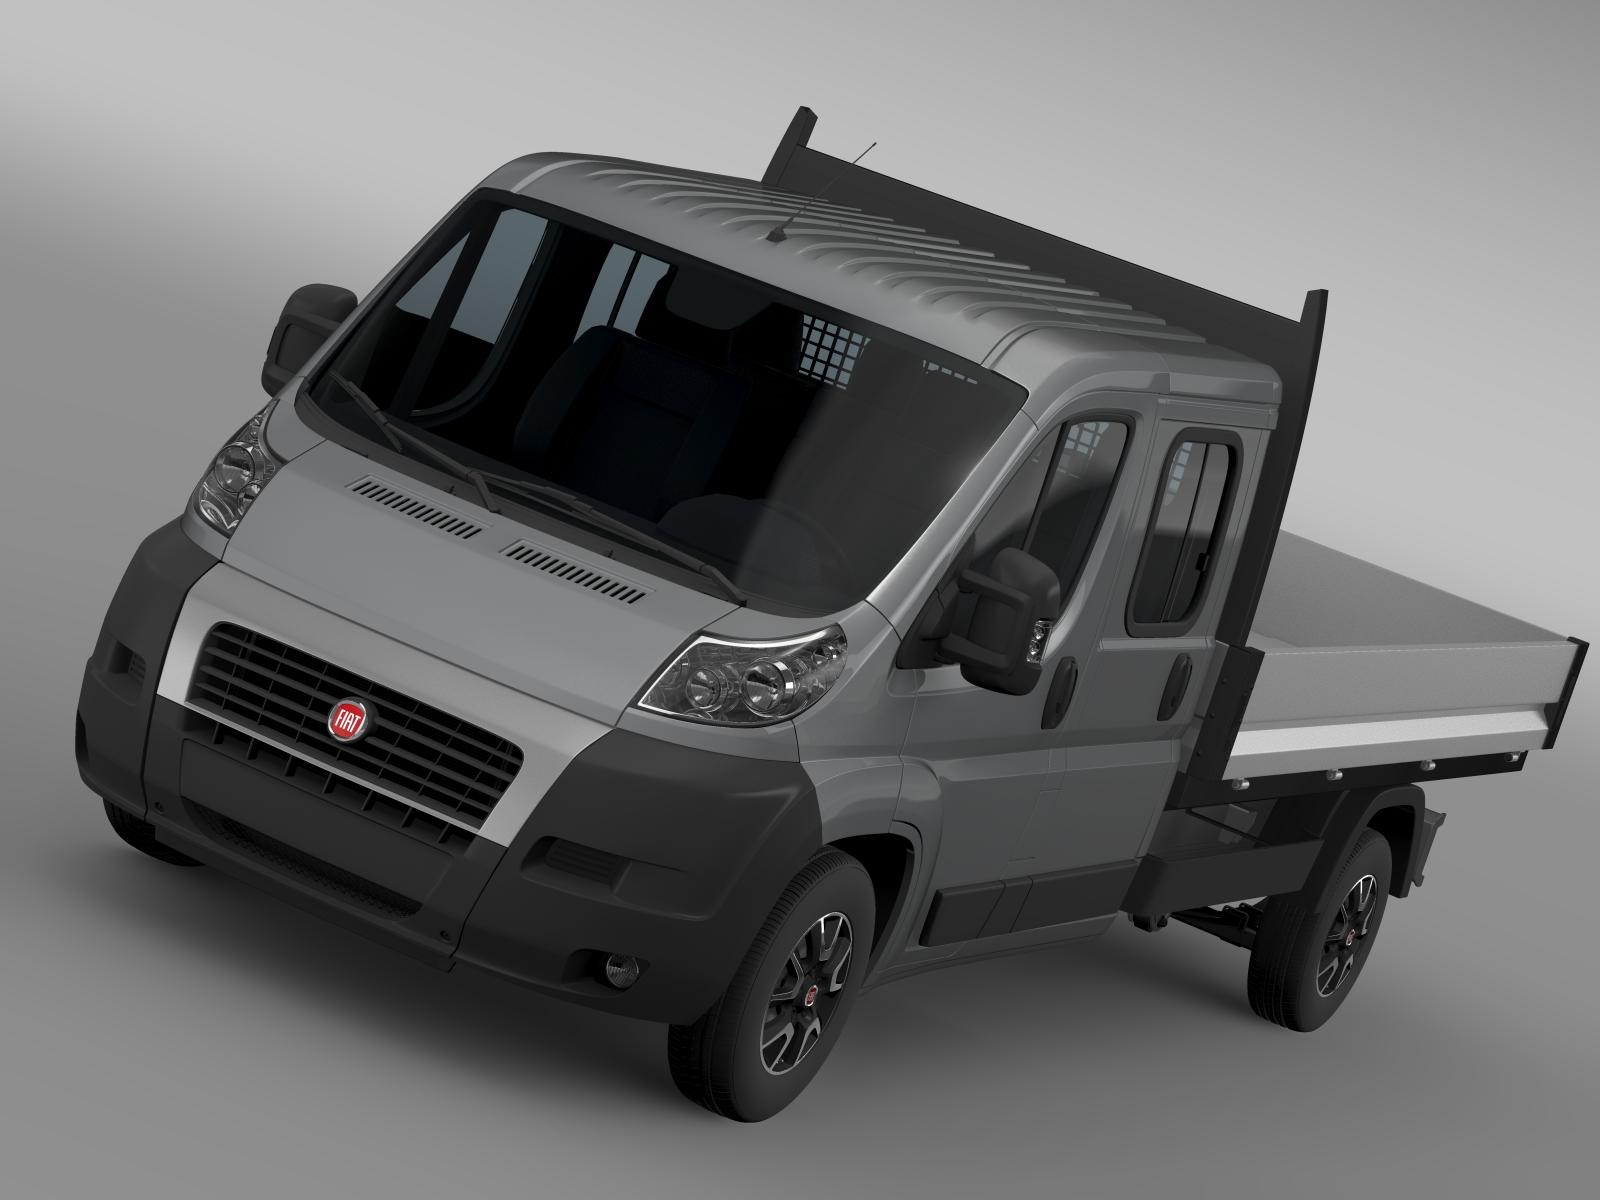 fiat ducato apkalpes kabīnes kravas automašīna 2009-2014 3d modelis 3ds maks.